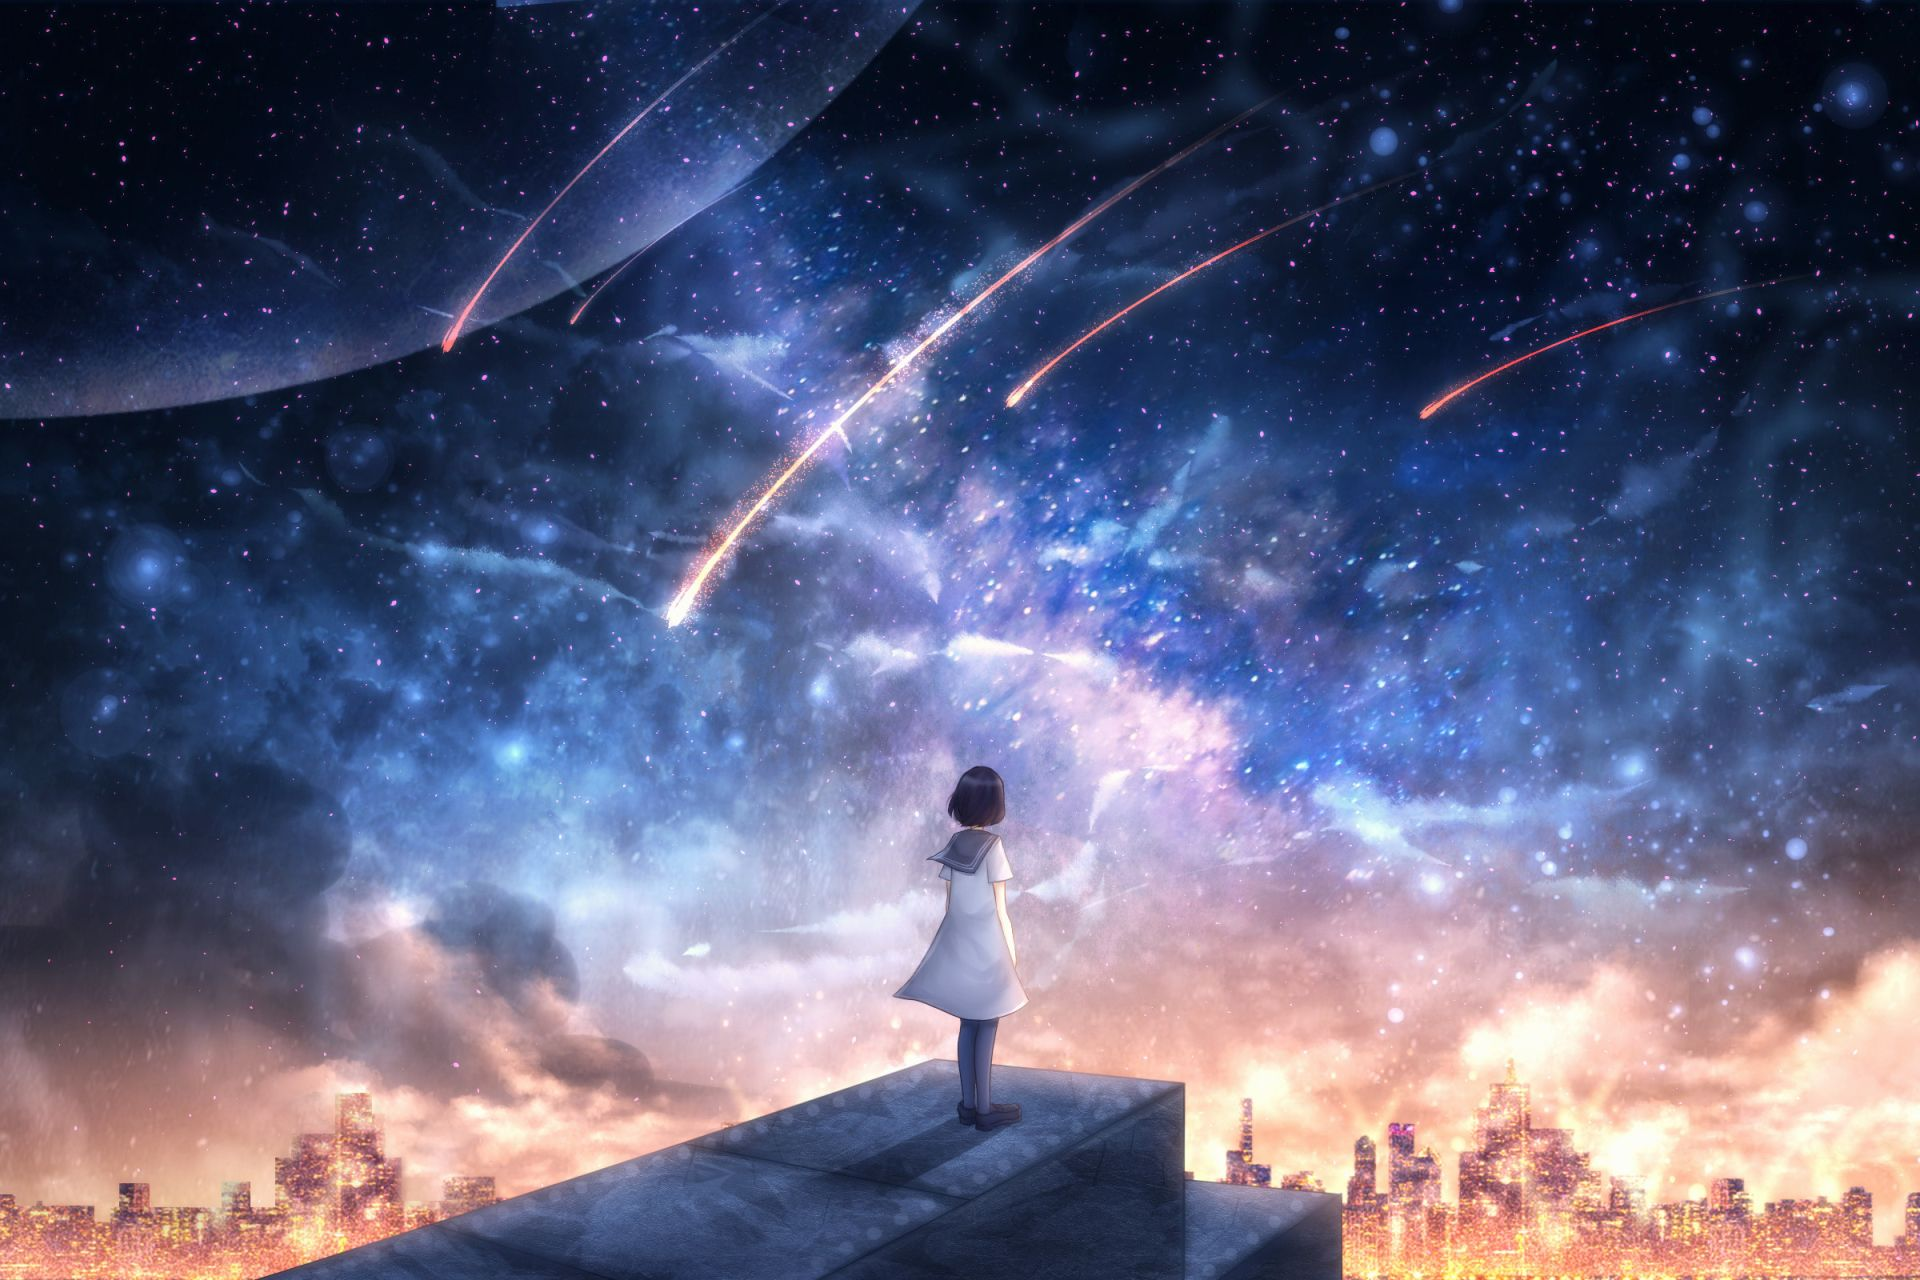 Anime Original Shooting Star Stars City Short Hair Black Hair Wallpaper Anime Artwork Wallpaper Night Sky Wallpaper Anime Backgrounds Wallpapers